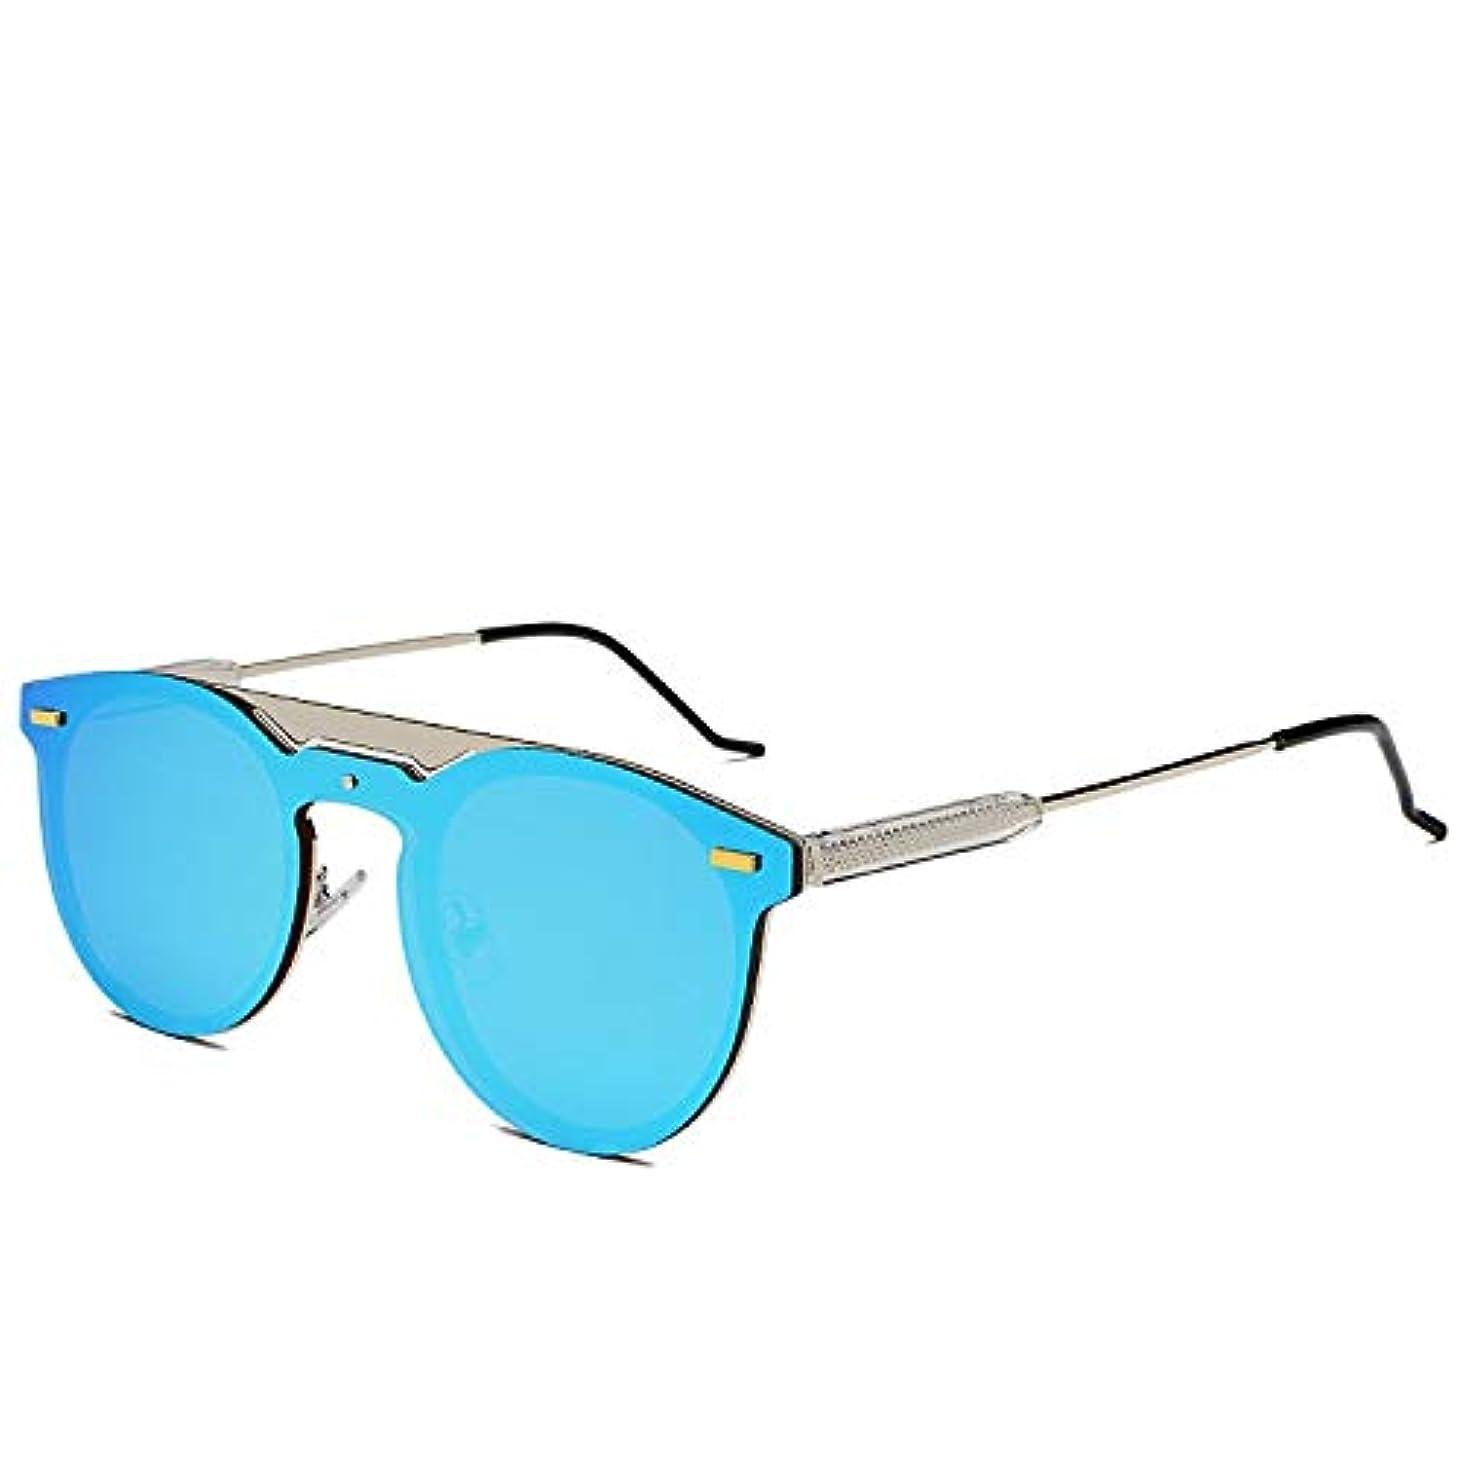 作動するシート教育者YXJJP サングラス メンズ メガネ 軽量 釣り 運転 ゴルフ UVカット スキー ユニセックス スポーツサングラス (Color : E)